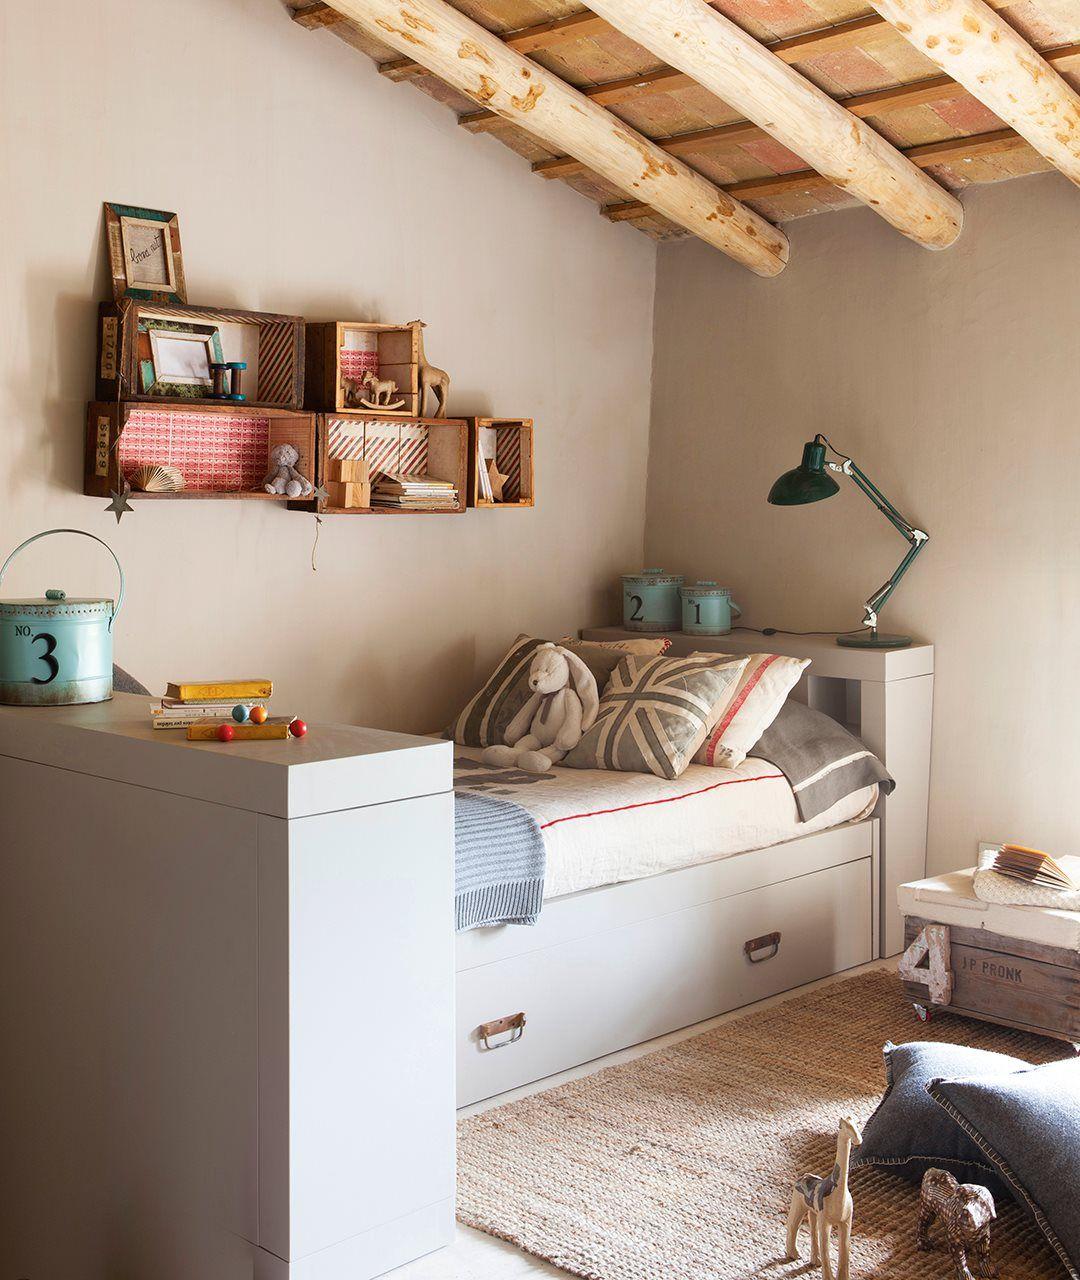 Ideas de almacenaje en habitaciones de ni os habitaciones infantiles pinterest ideas - Almacenaje para ninos ...